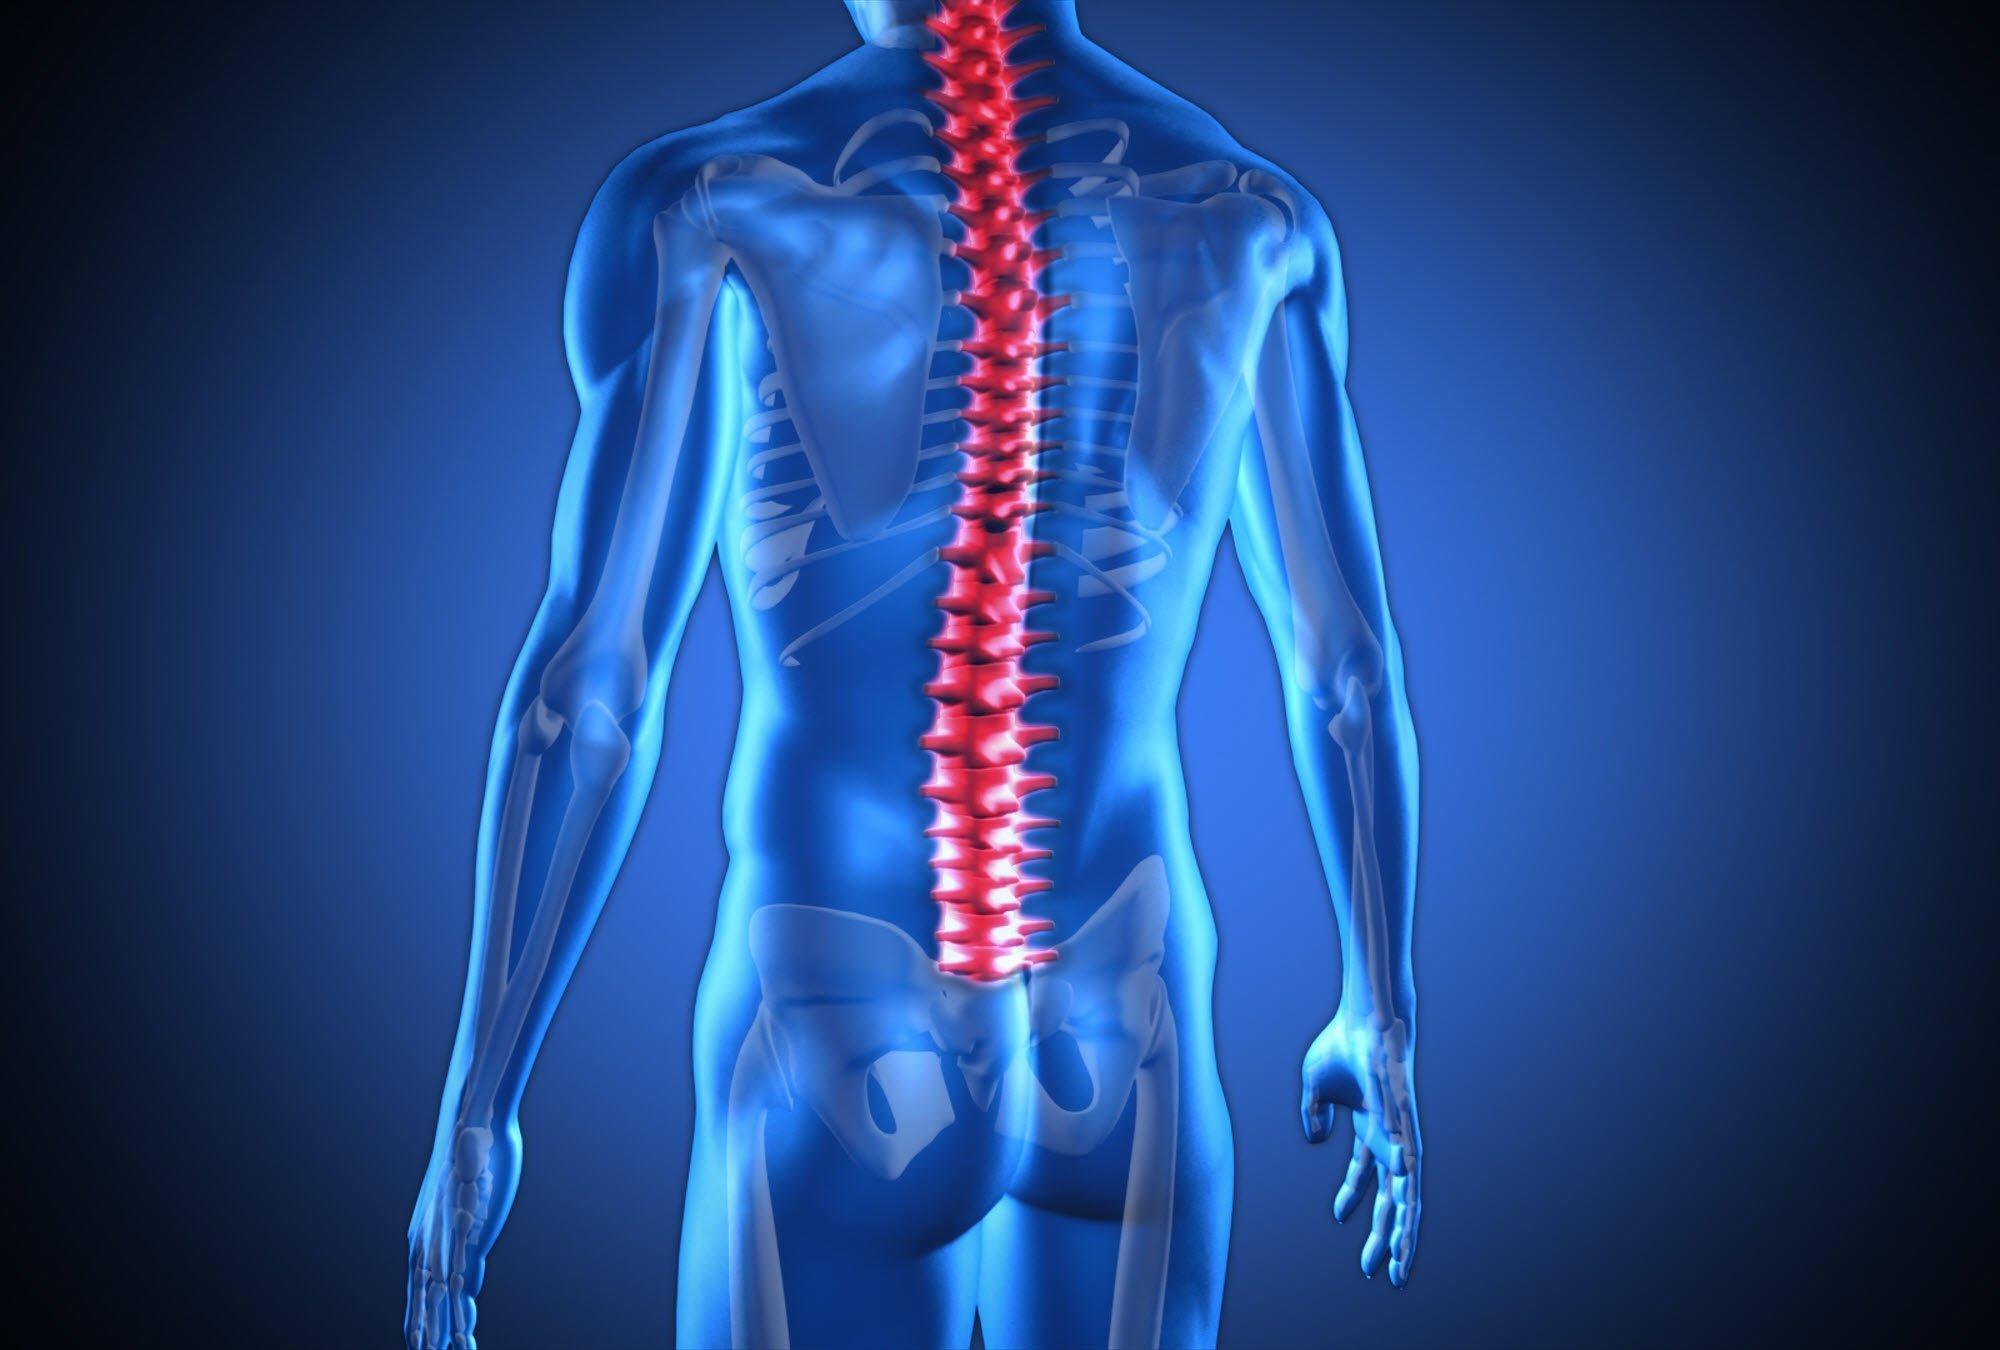 Chiropractor Spine